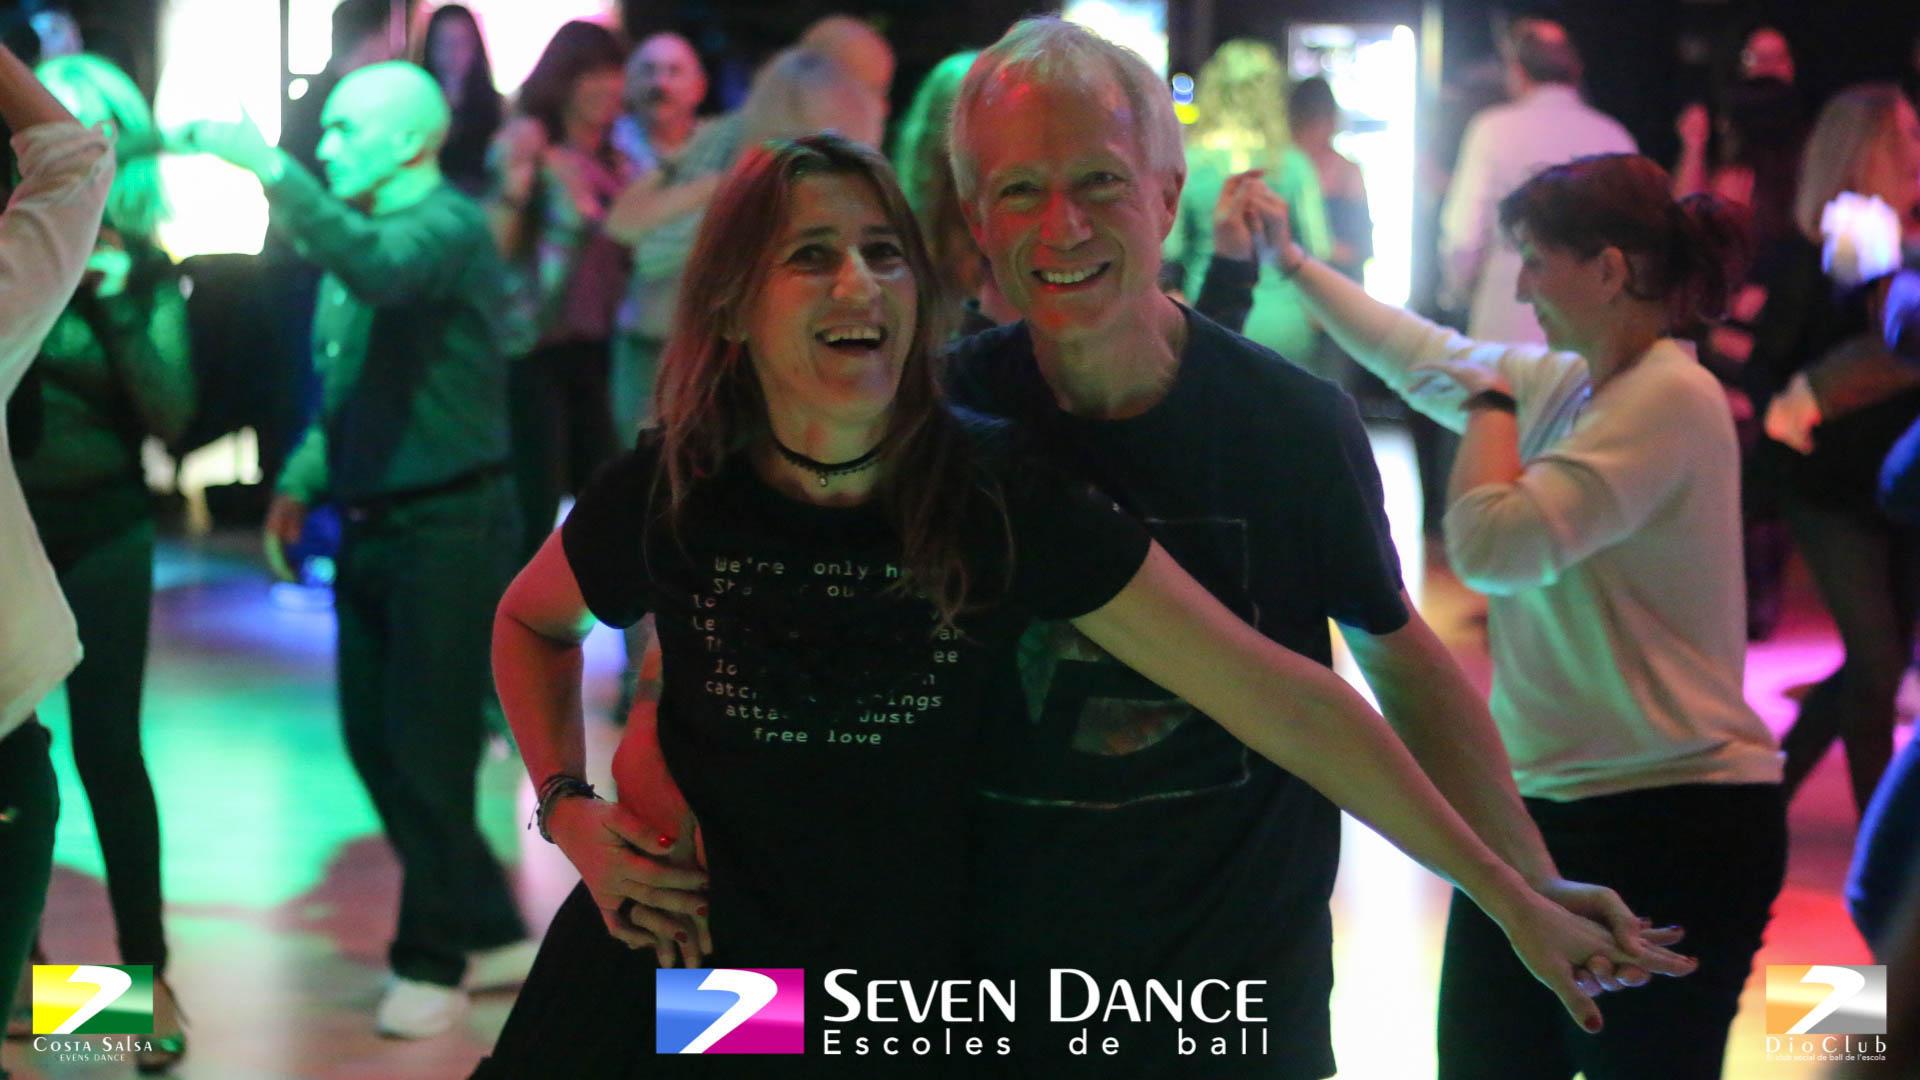 Salsa Seven Dance escuelas de baile Barcelona